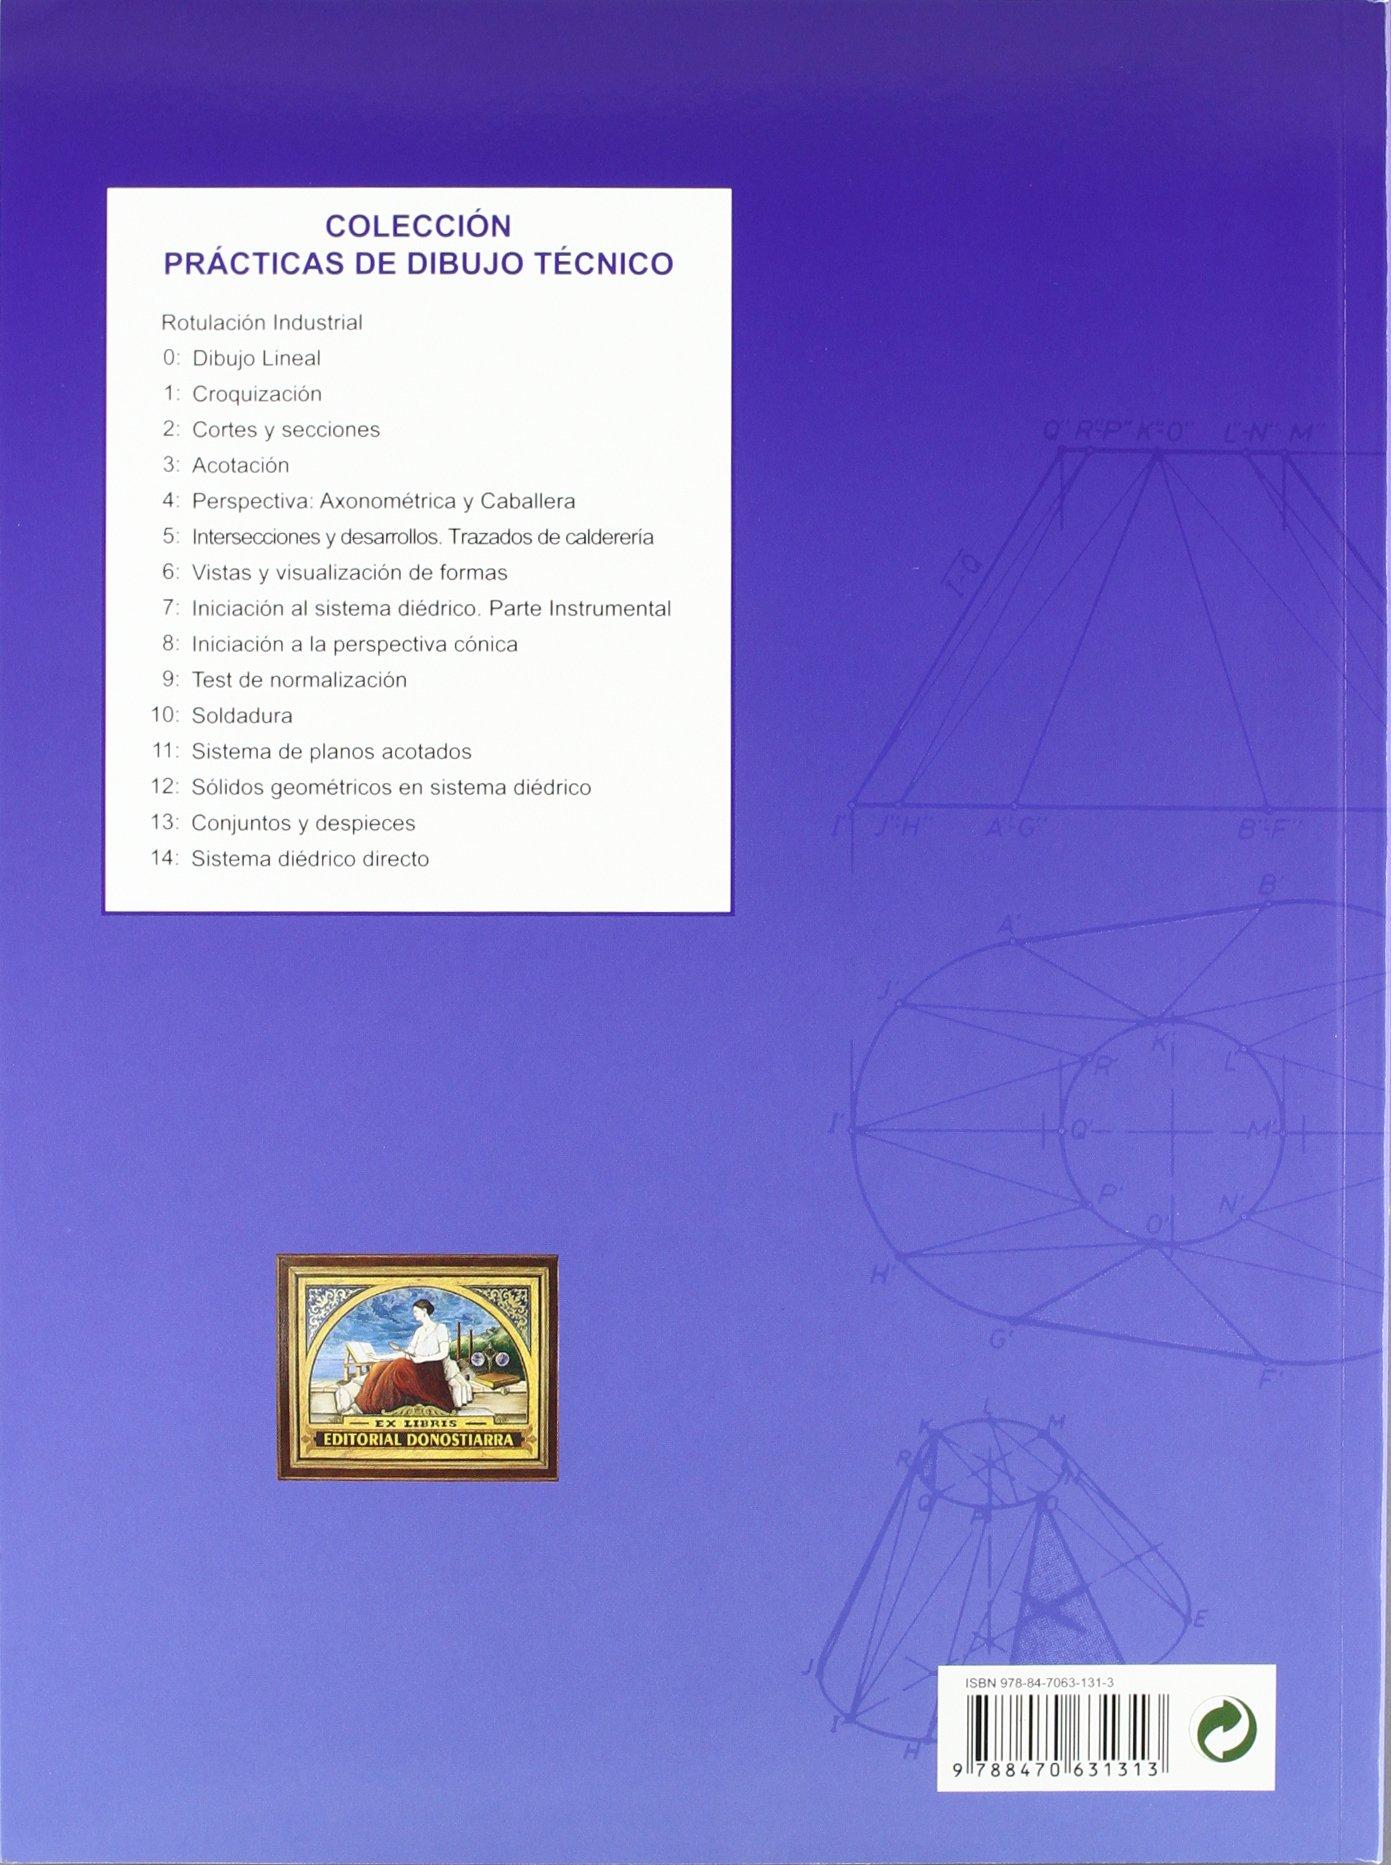 Prácticas de dibujo 5 : intersecciones y desarrollos: Víctor Álvarez Bengoa: 9788470631313: Amazon.com: Books